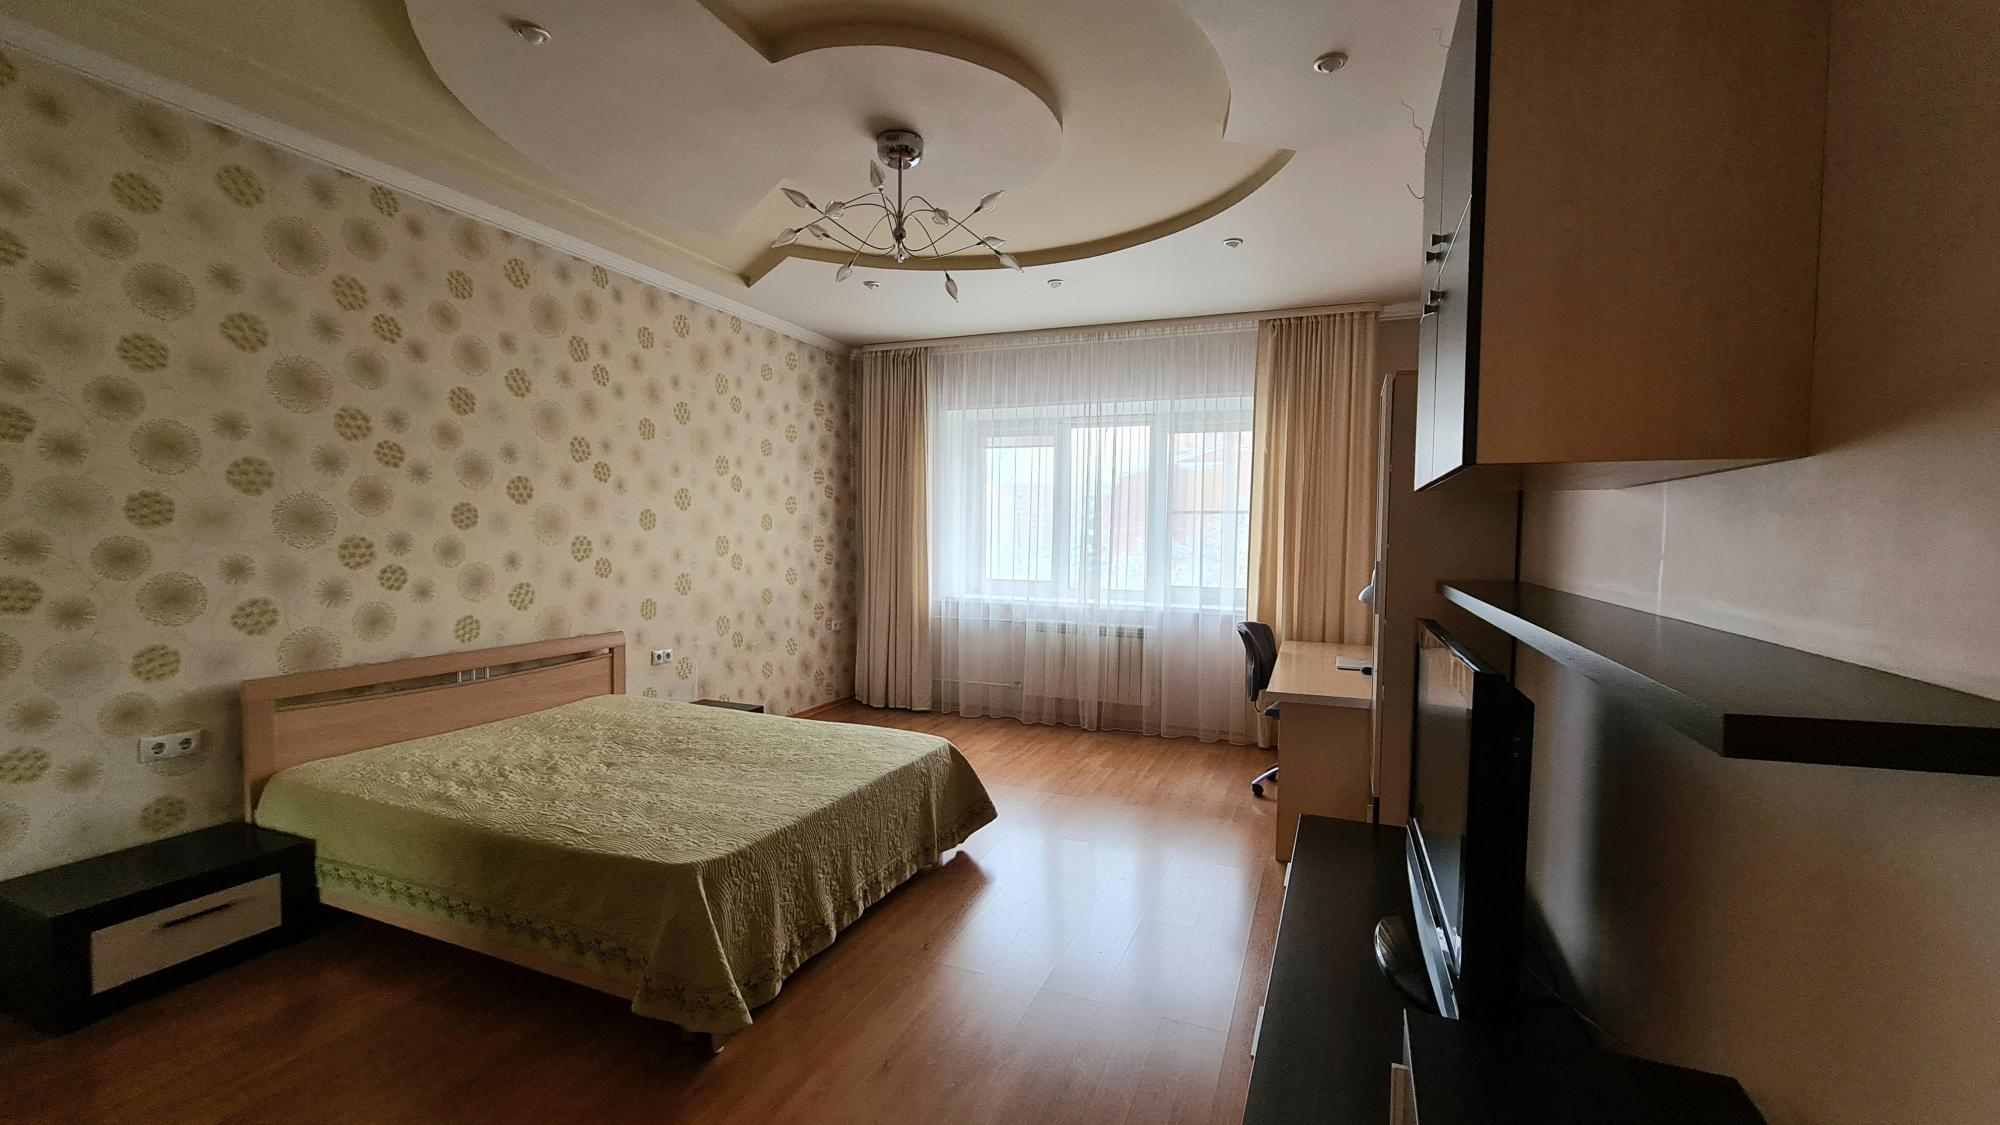 4к квартира улица Елены Стасовой, 25Г | 70000 | аренда в Красноярске фото 3